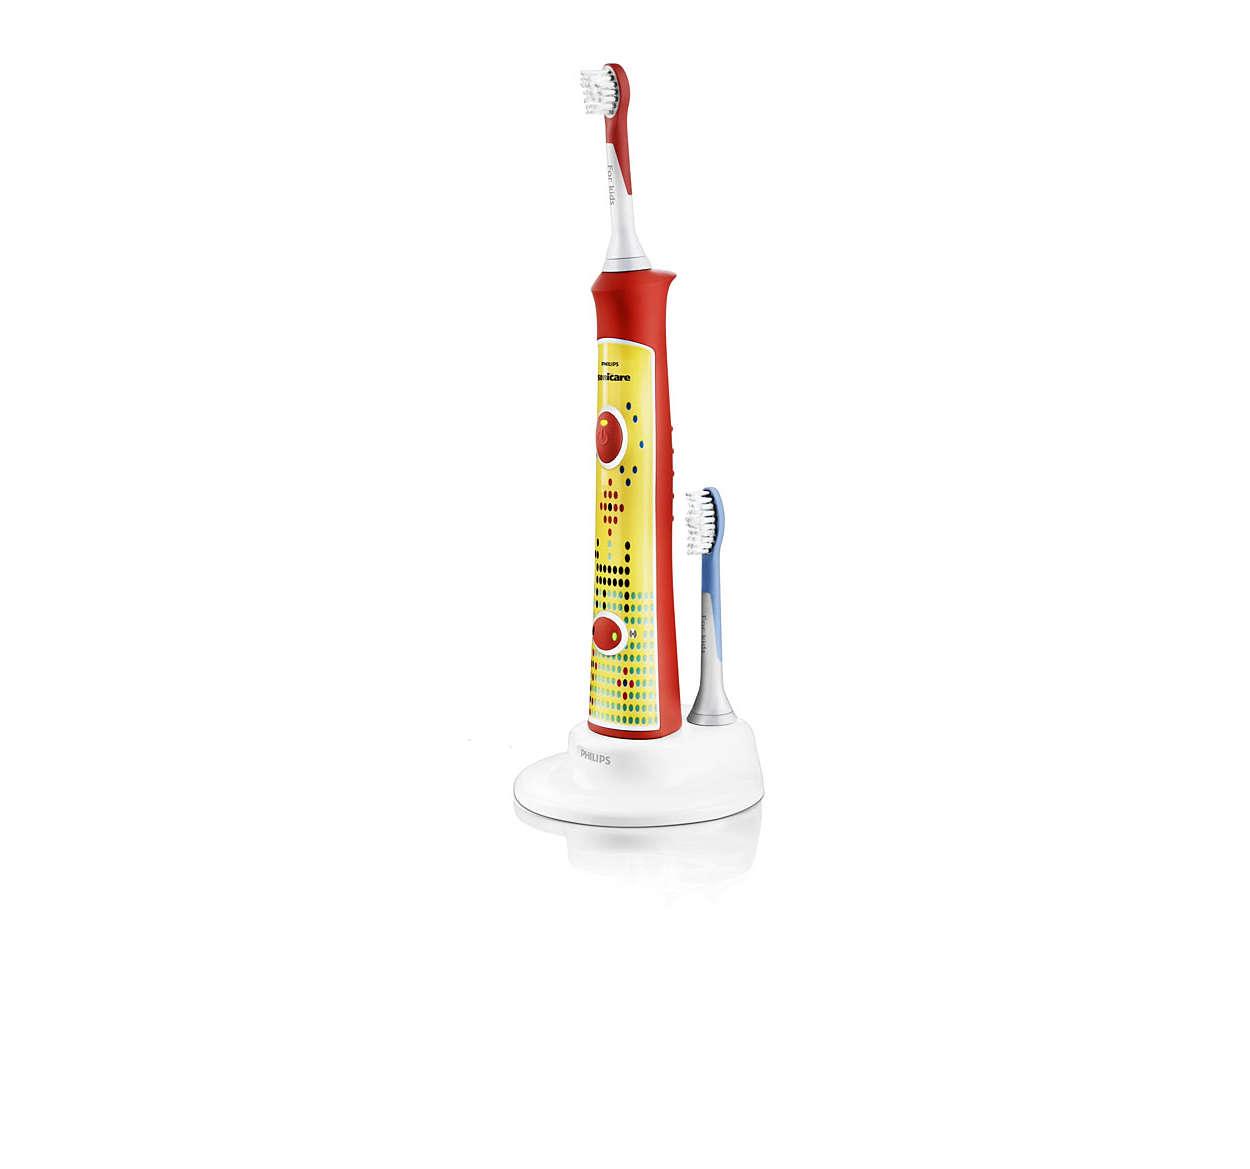 Opmuntrer til sund børstning på egen hånd